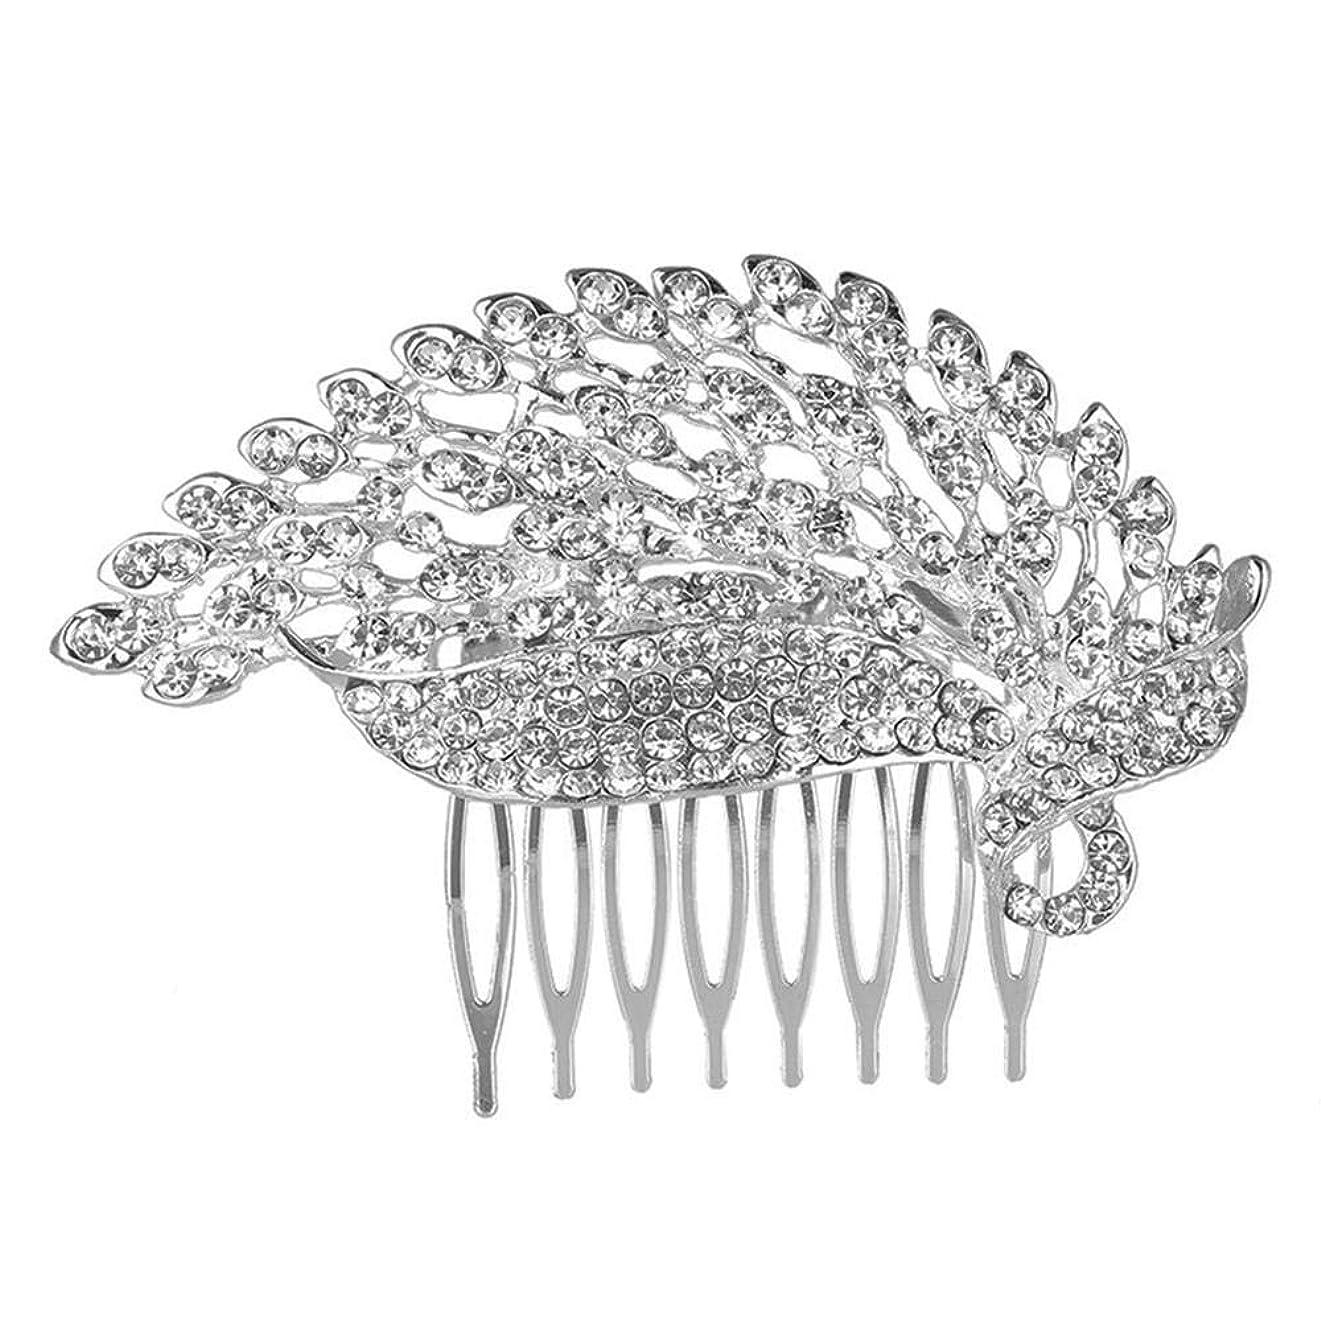 実質的に虫娯楽髪の櫛の櫛の櫛の花嫁の櫛の櫛の櫛の花嫁の頭飾りの結婚式のアクセサリー合金